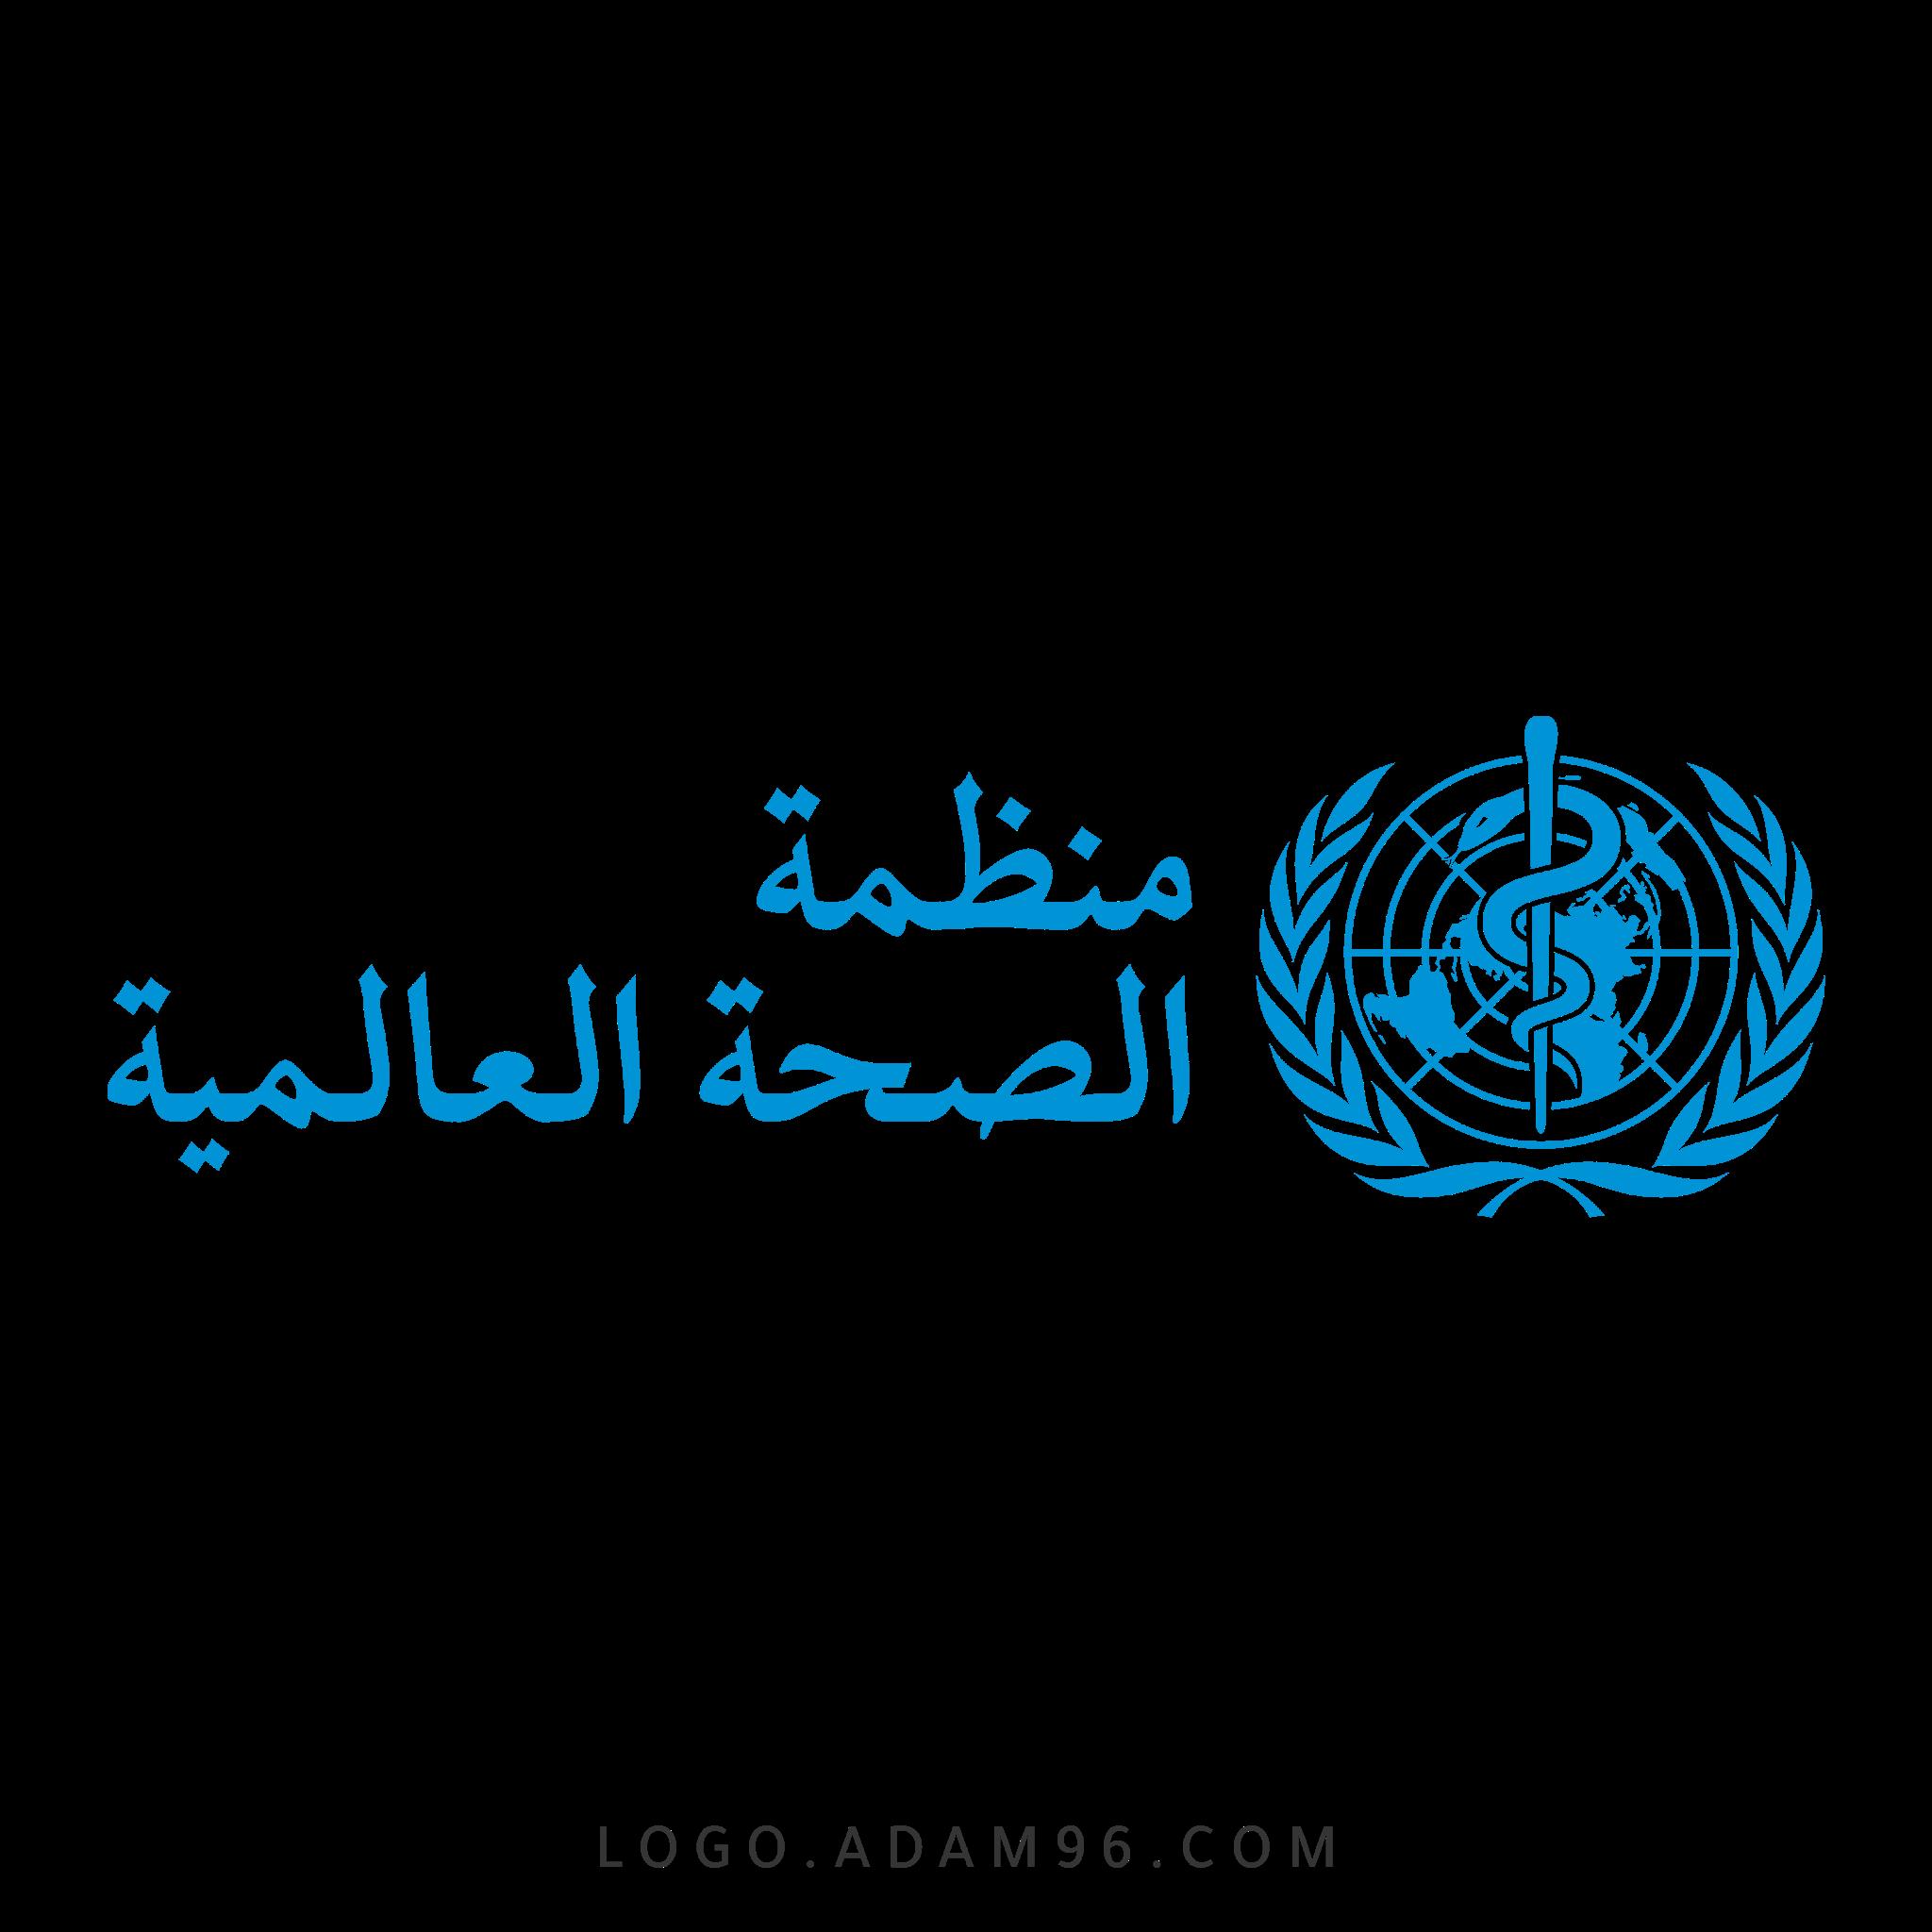 تحميل شعار منظمة الصحة العالمية لوجو رسمي عالي الجودة PNG